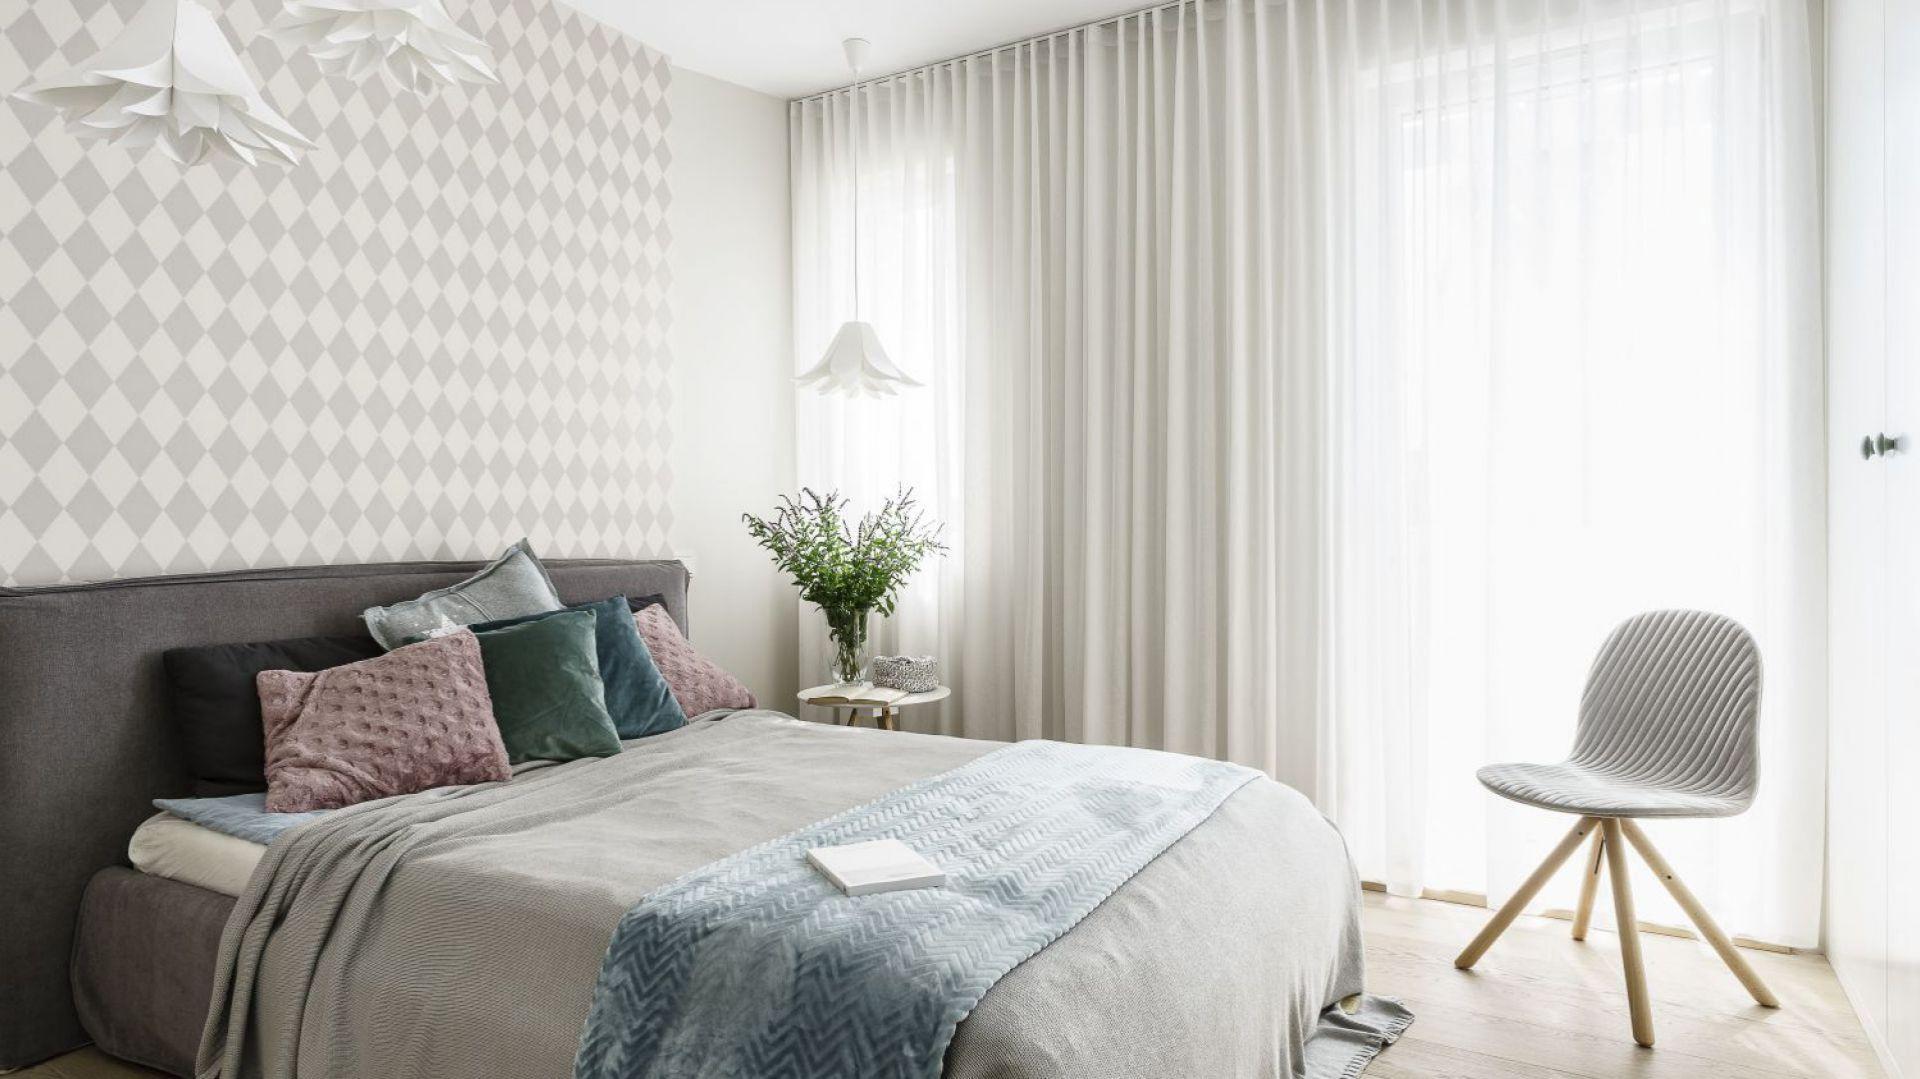 Stonowane kolory i modne wzory to przepis na wspólną sypialnię. Projekt: arch. Joanna Morkowska-Saj, Saje Architekci. Fot. Foto&Mohito